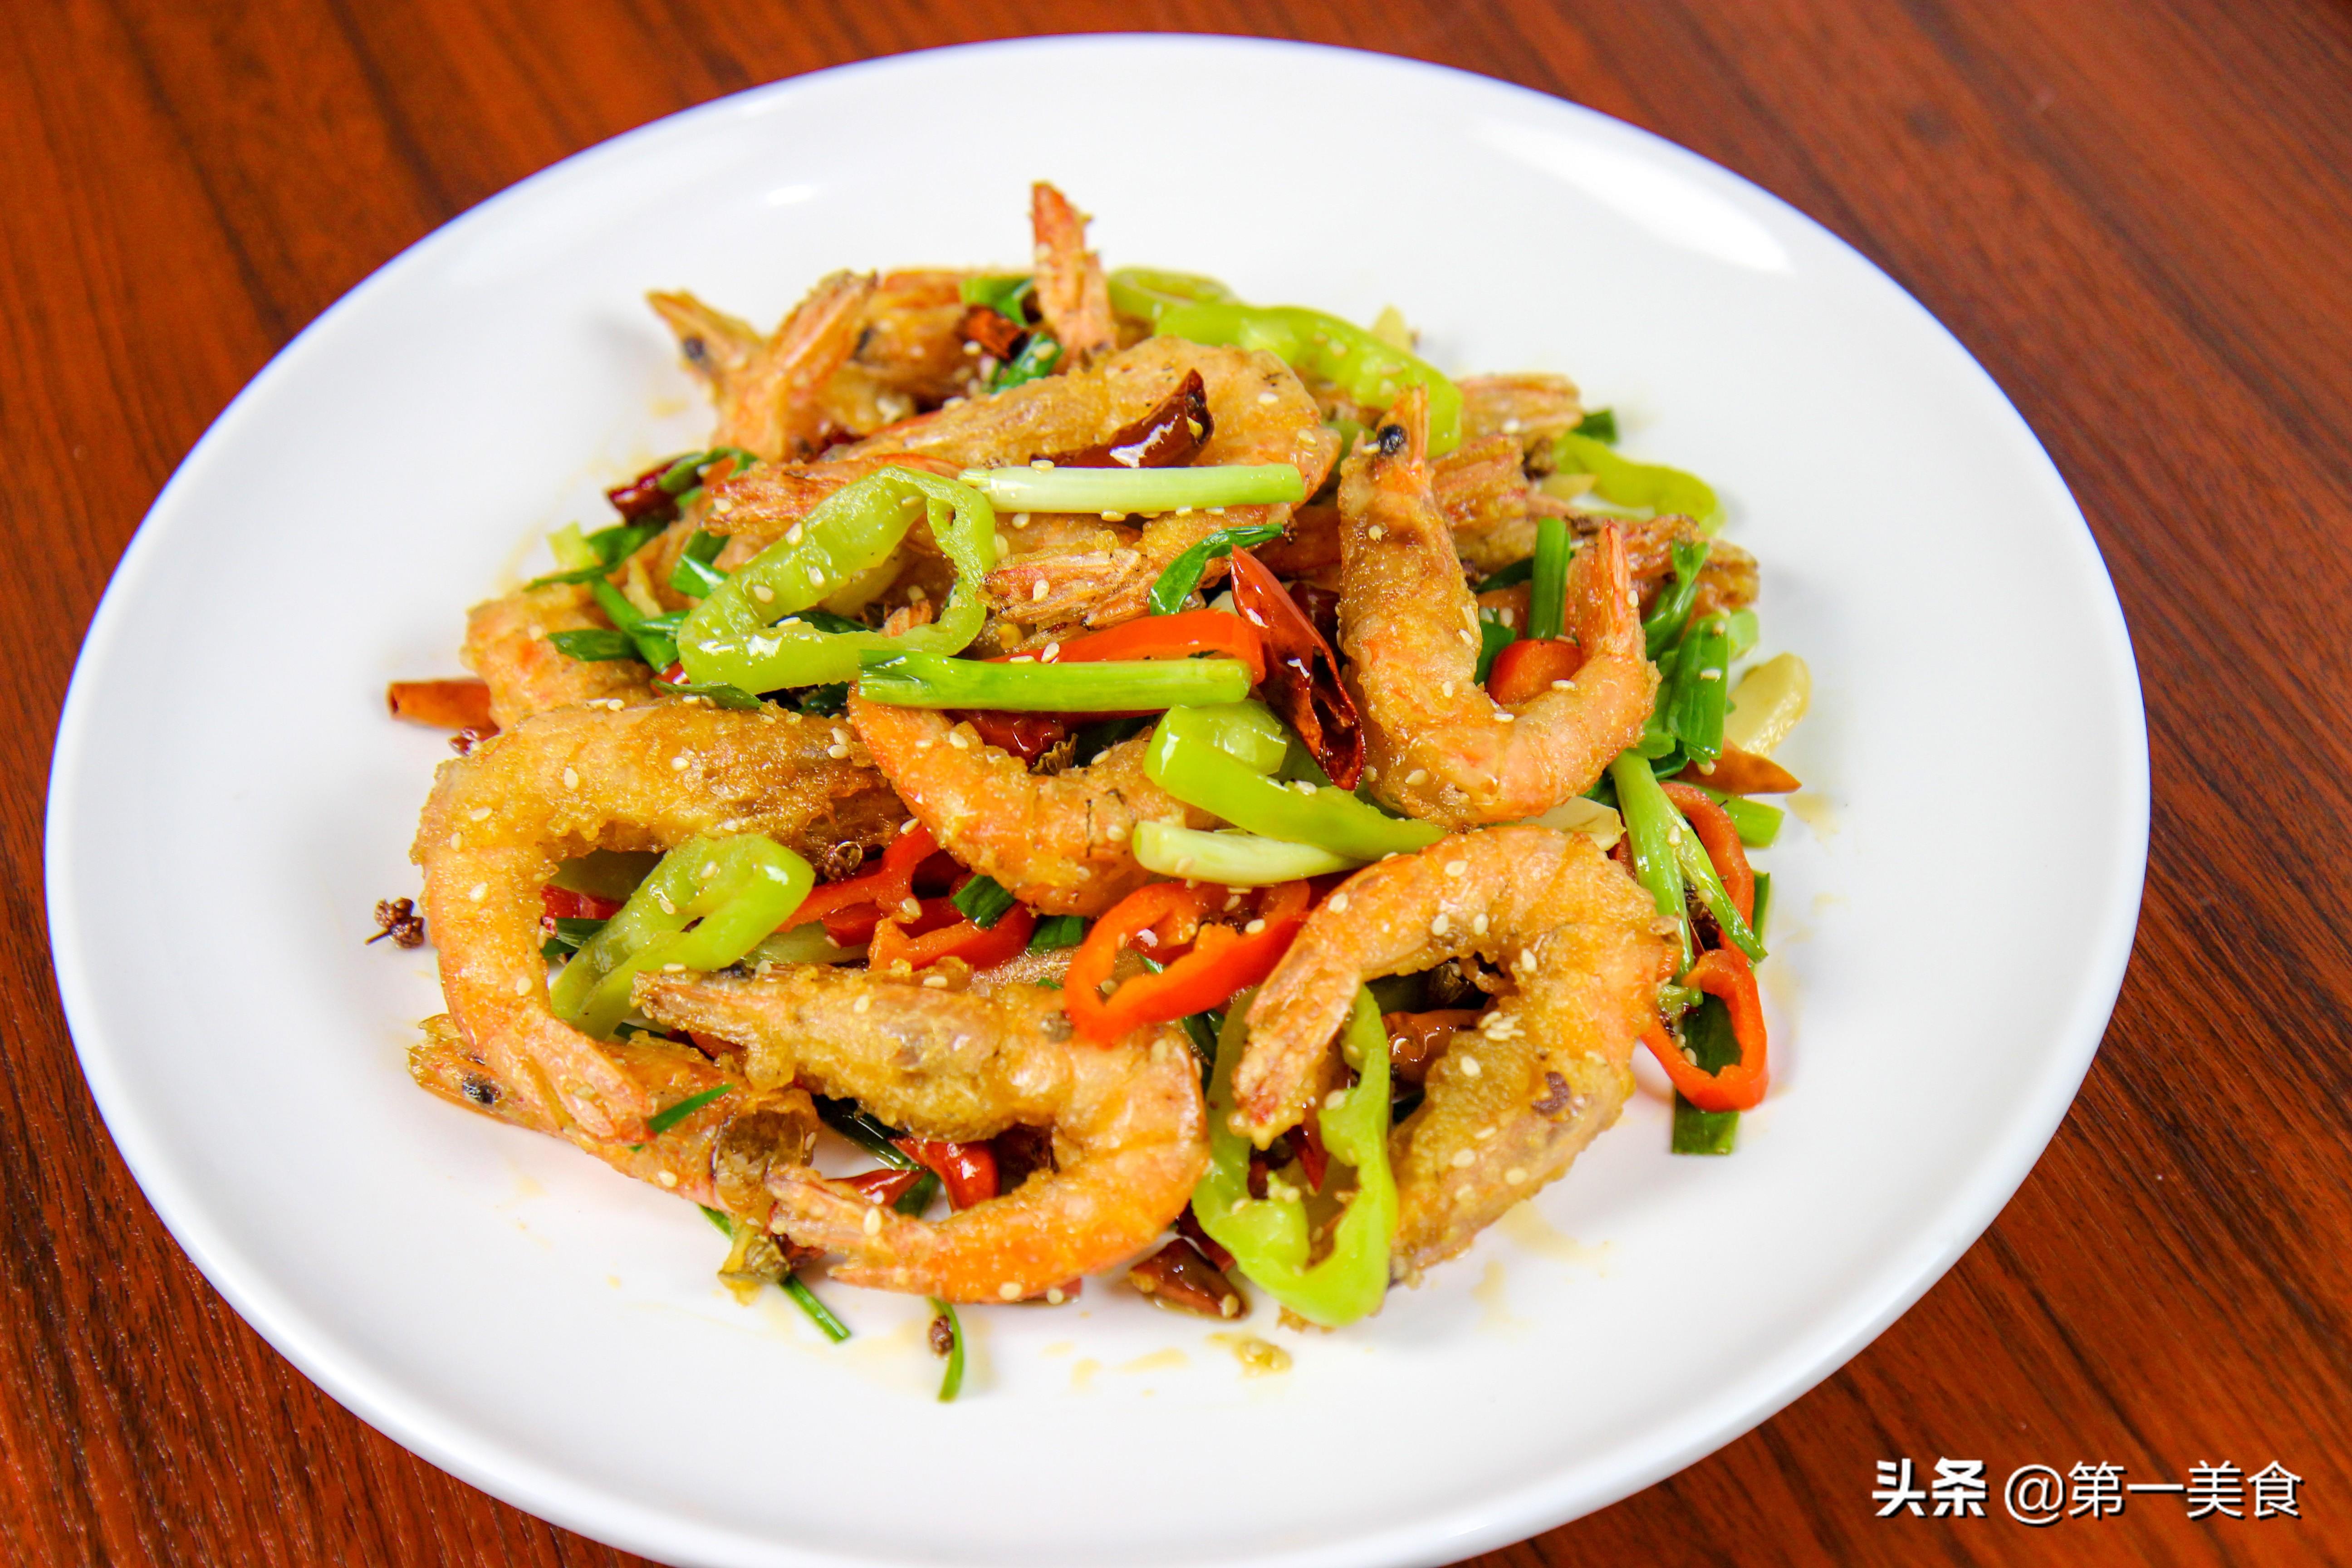 教你香辣虾家常做法,味道麻辣鲜香,步骤详细,超级下饭 美食做法 第8张